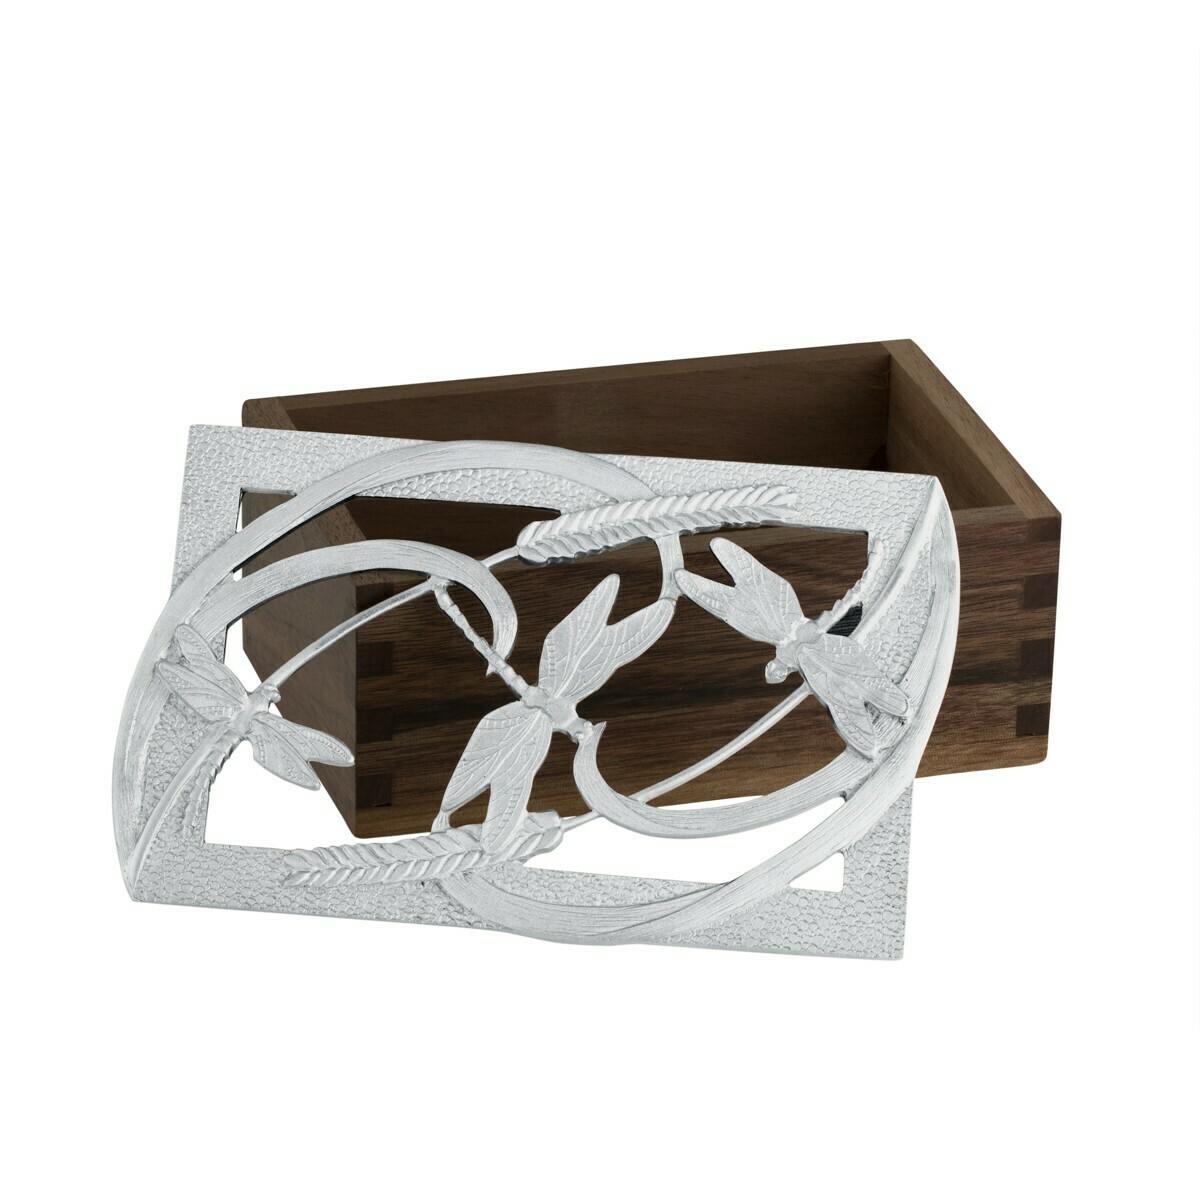 Amos Dragonfly Wood Box